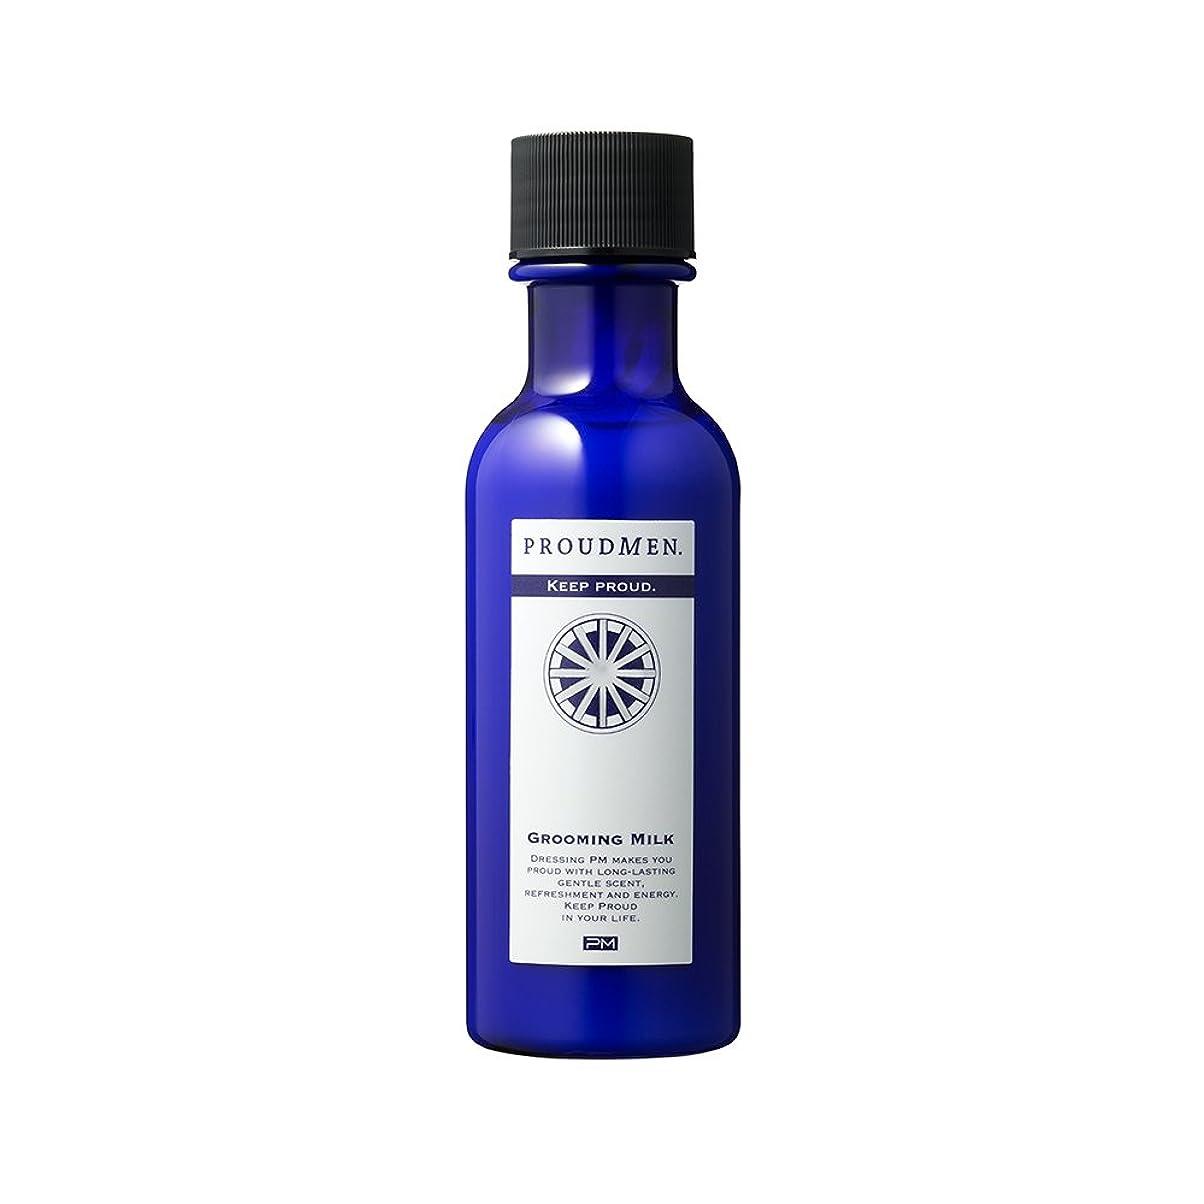 冷蔵庫天スクリュープラウドメン グルーミングミルク 100ml 化粧水 メンズ アフターシェーブ